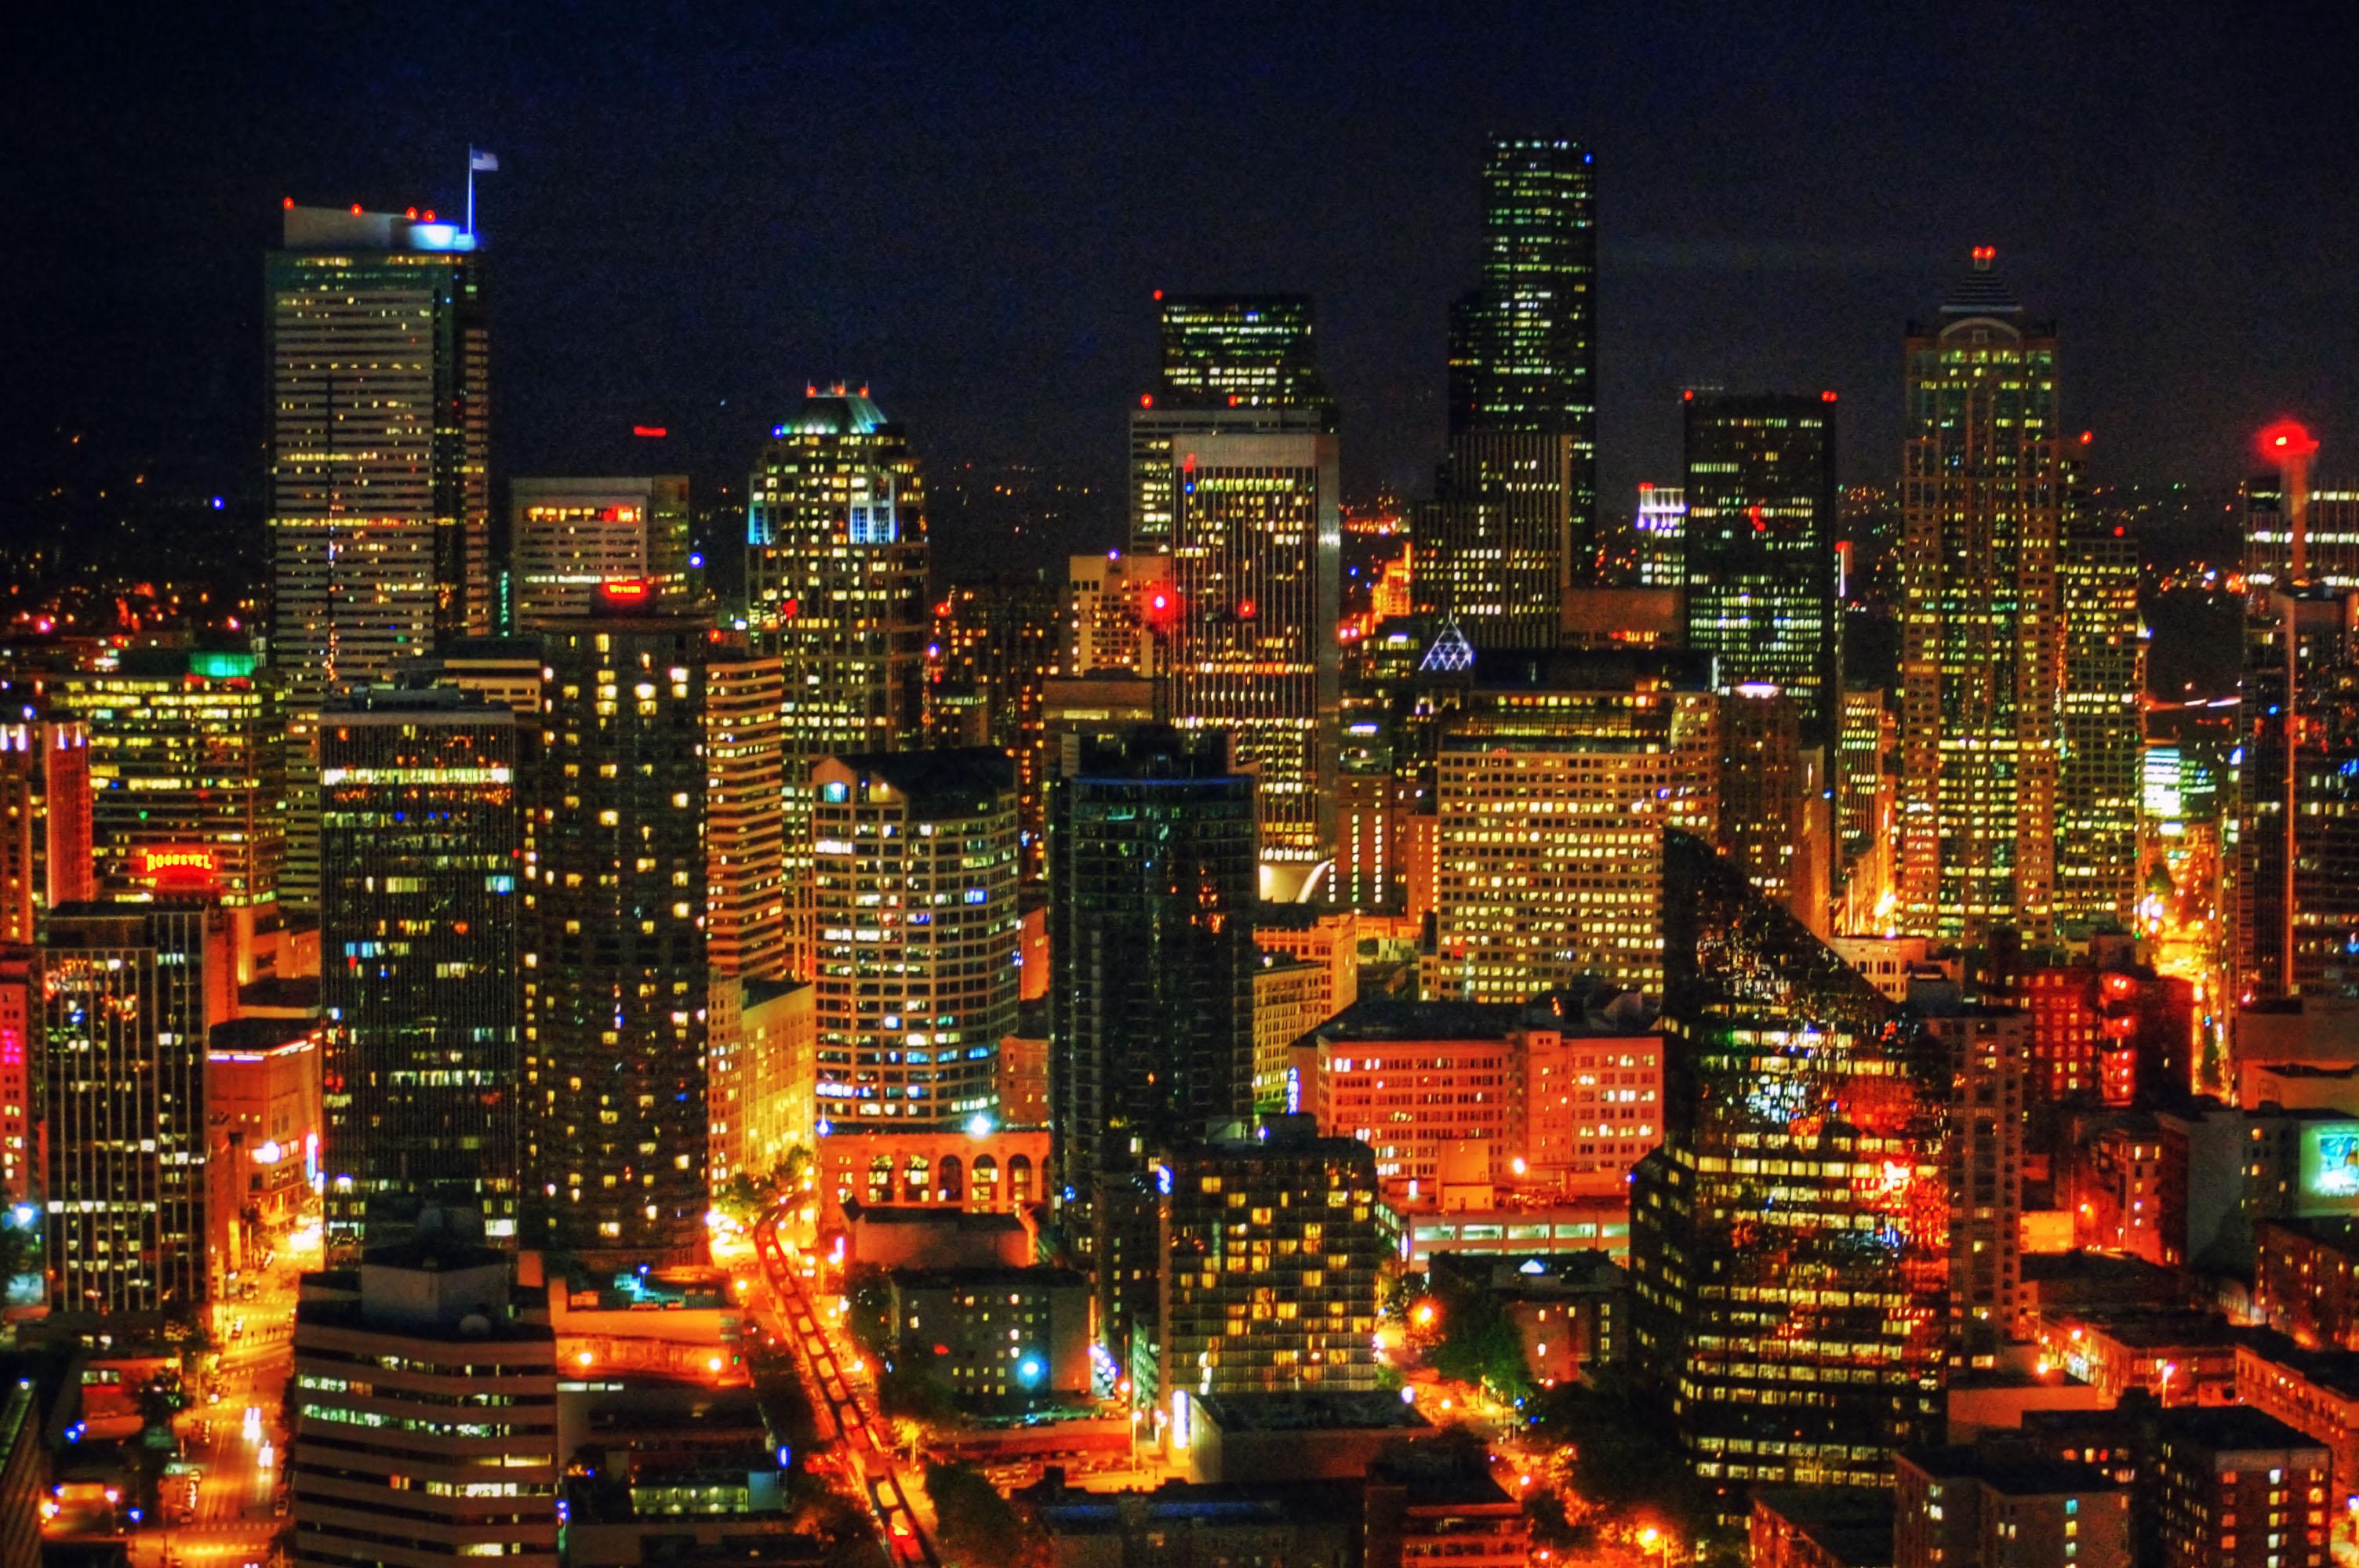 Khám phá các địa điểm du lịch nổi tiếng tại Seattle - Mỹ - 228834